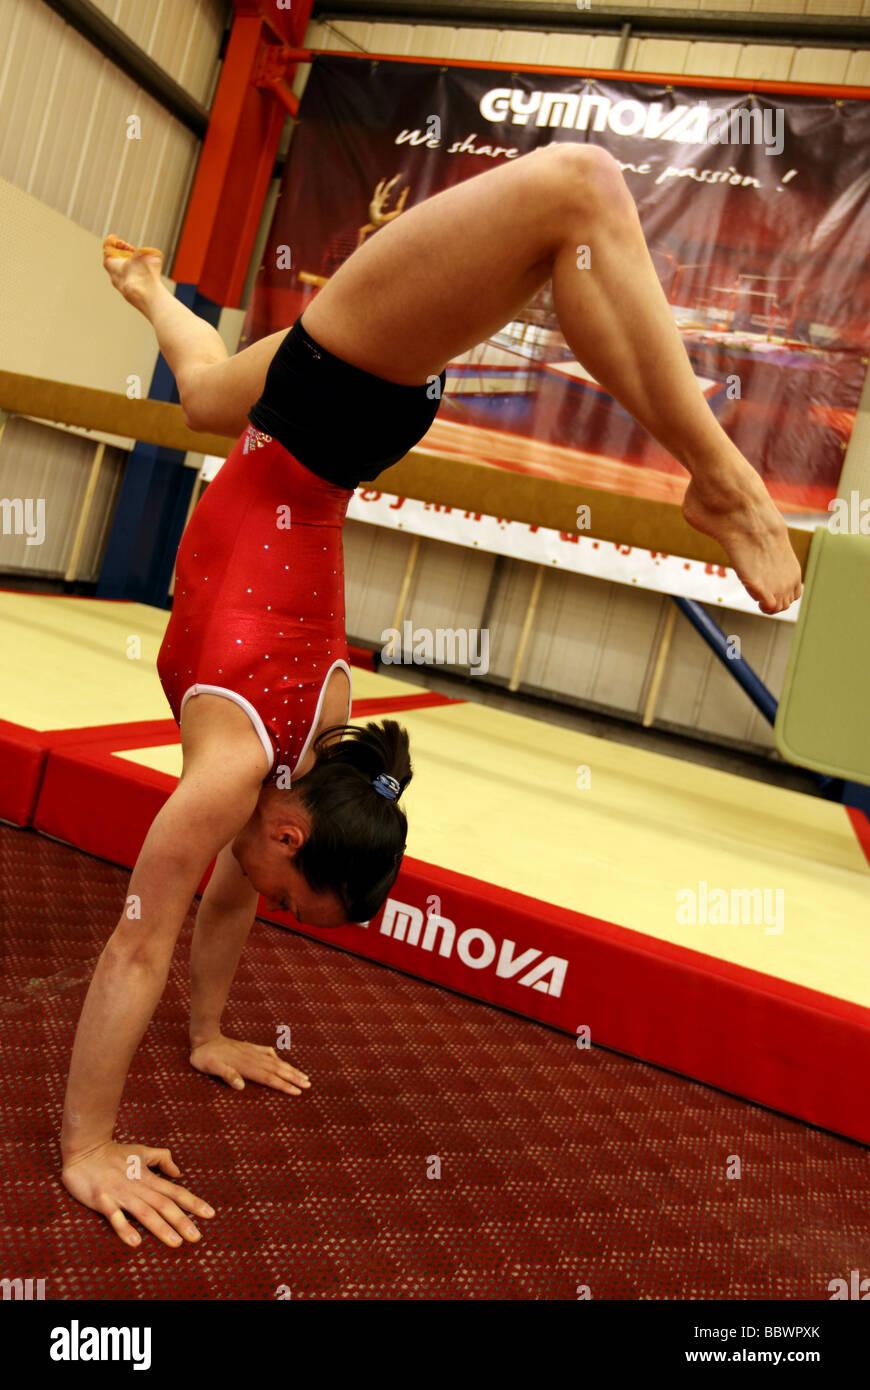 Européenne de Gymnastique Double champion Beth Tweddle à un site d'entraînement près de Photo Stock